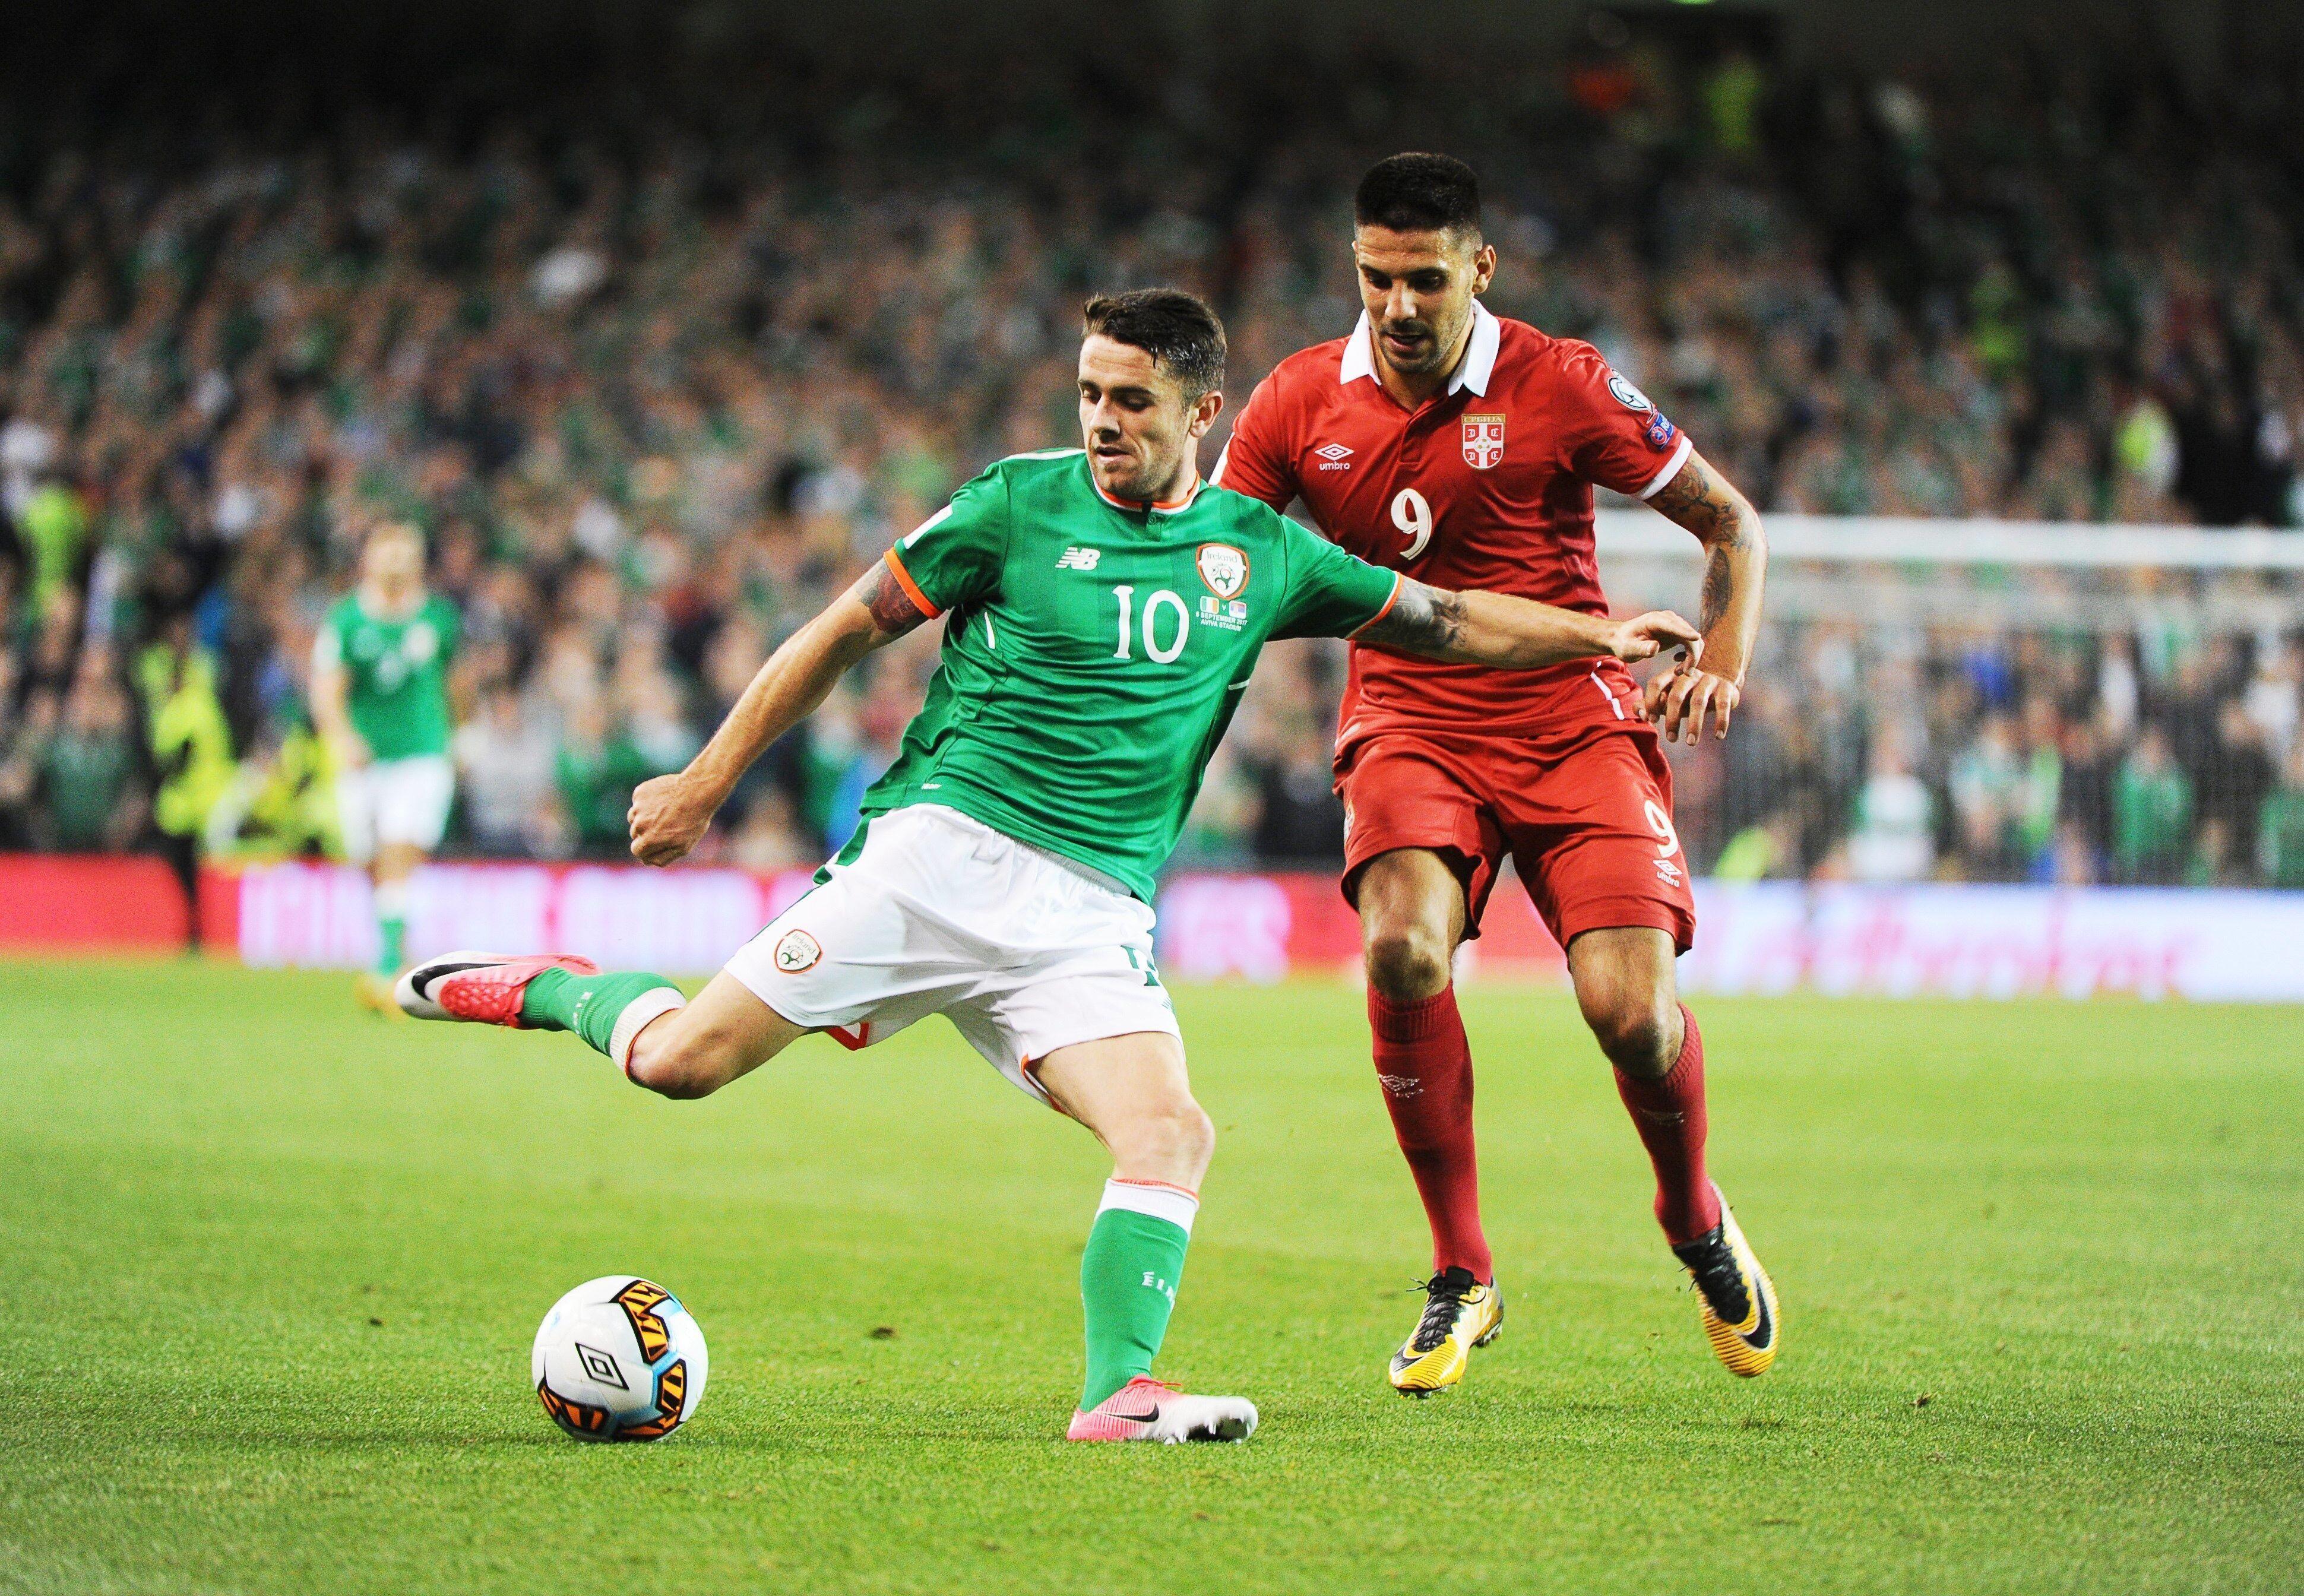 [万博体育]世预赛推荐:爱尔兰主场挑战丹麦,能否主场晋级?